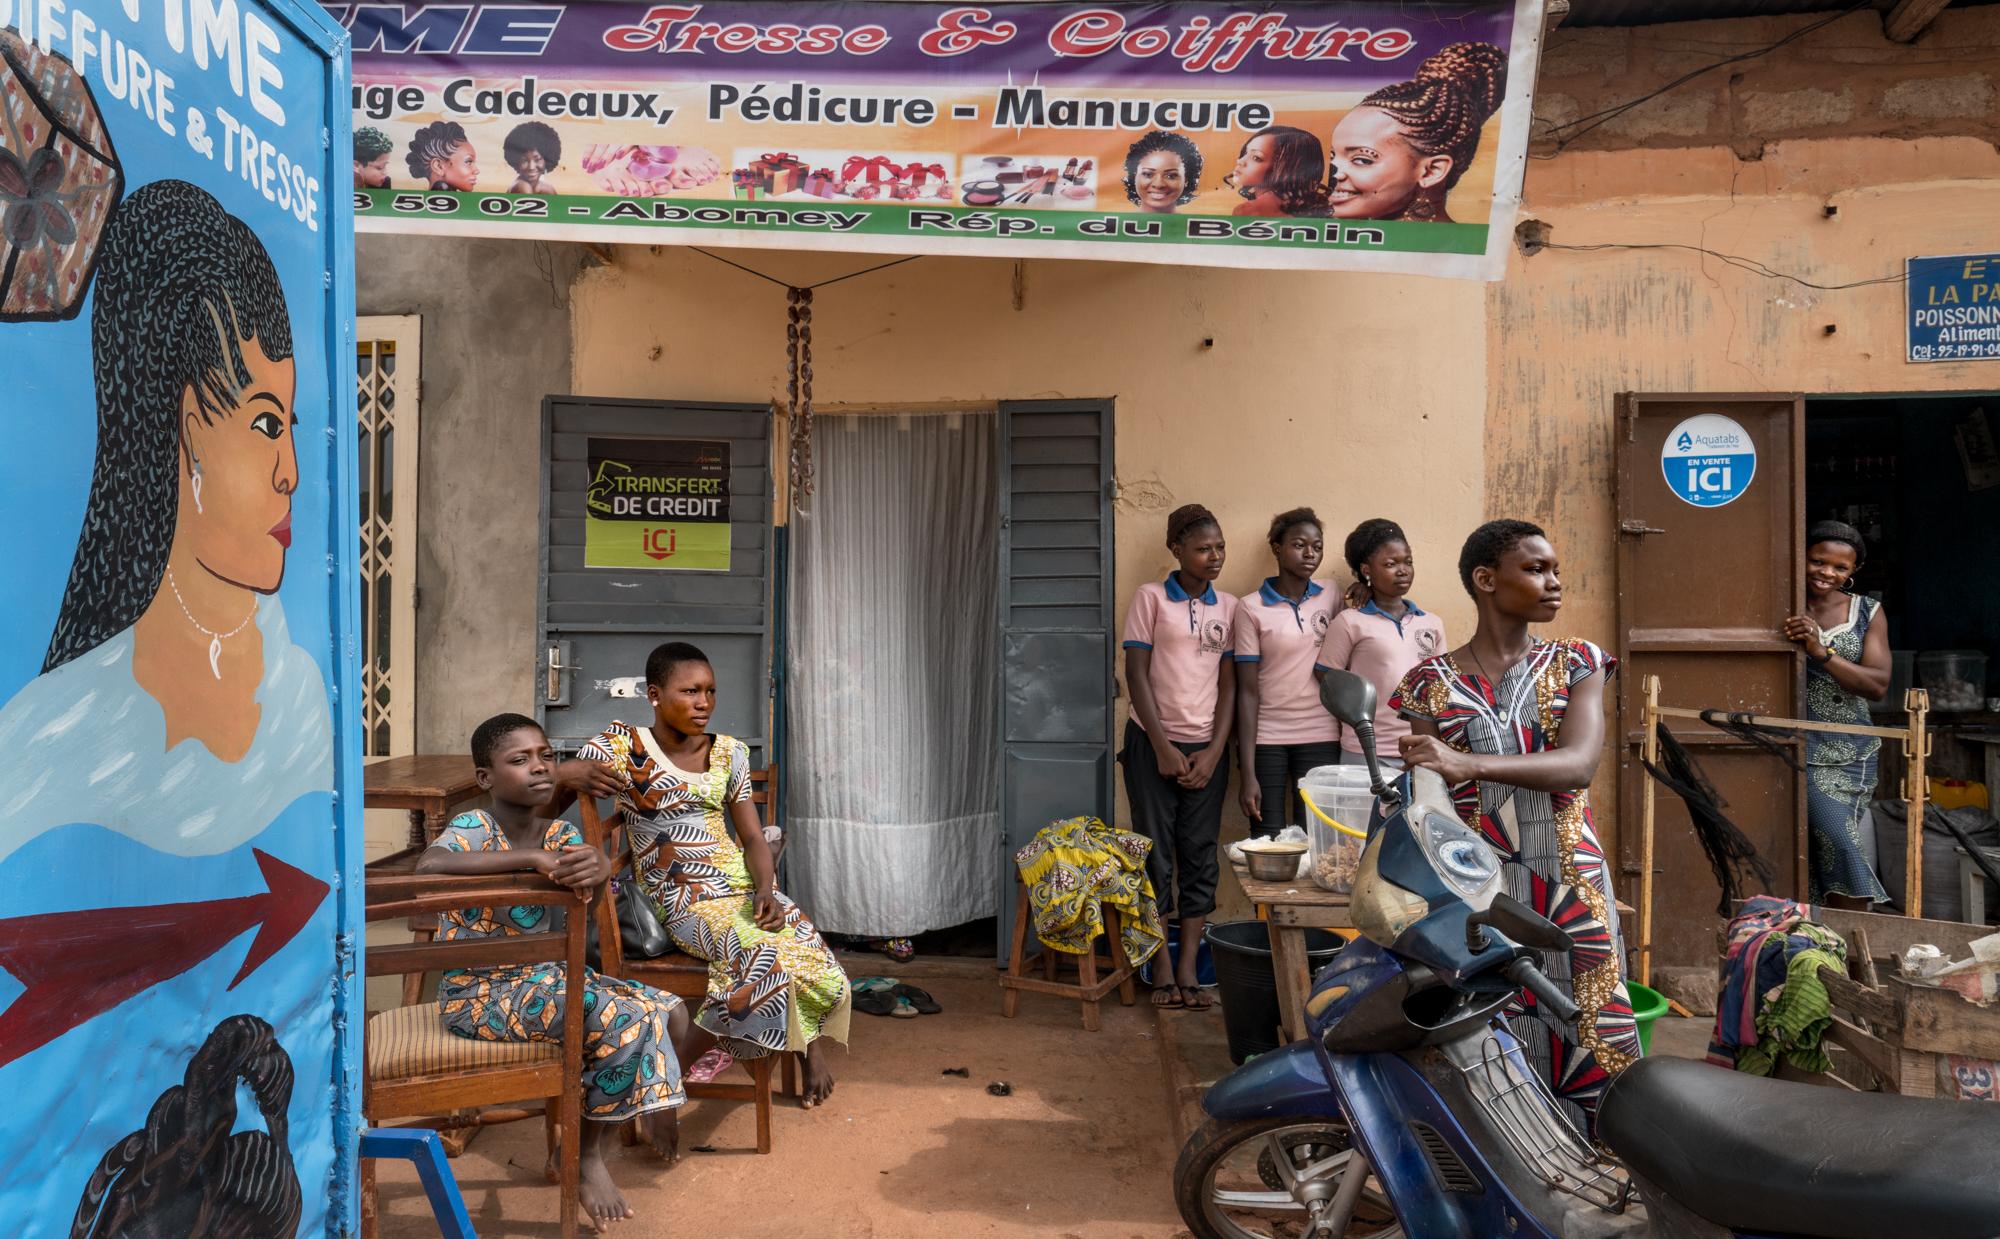 Benin_2000 sin título2018-09384 7952 x 5304.jpg